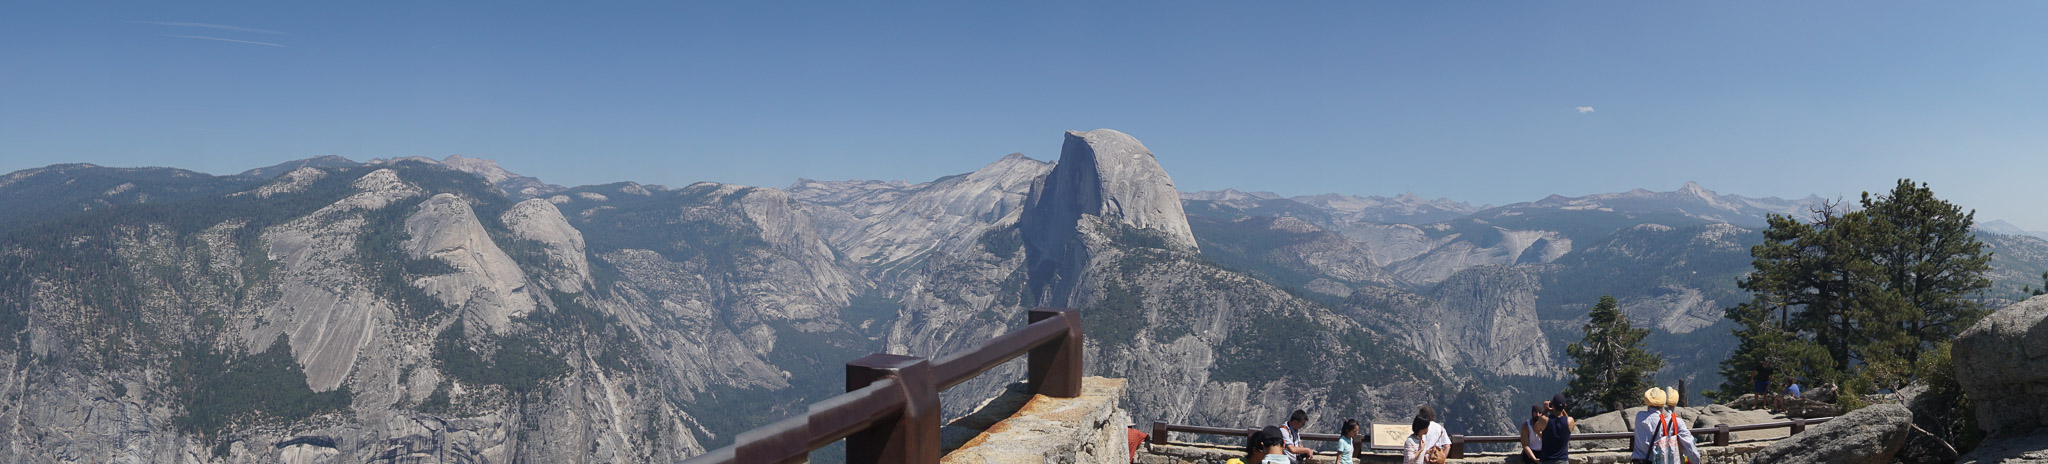 Yosemite-2015-09889.jpg